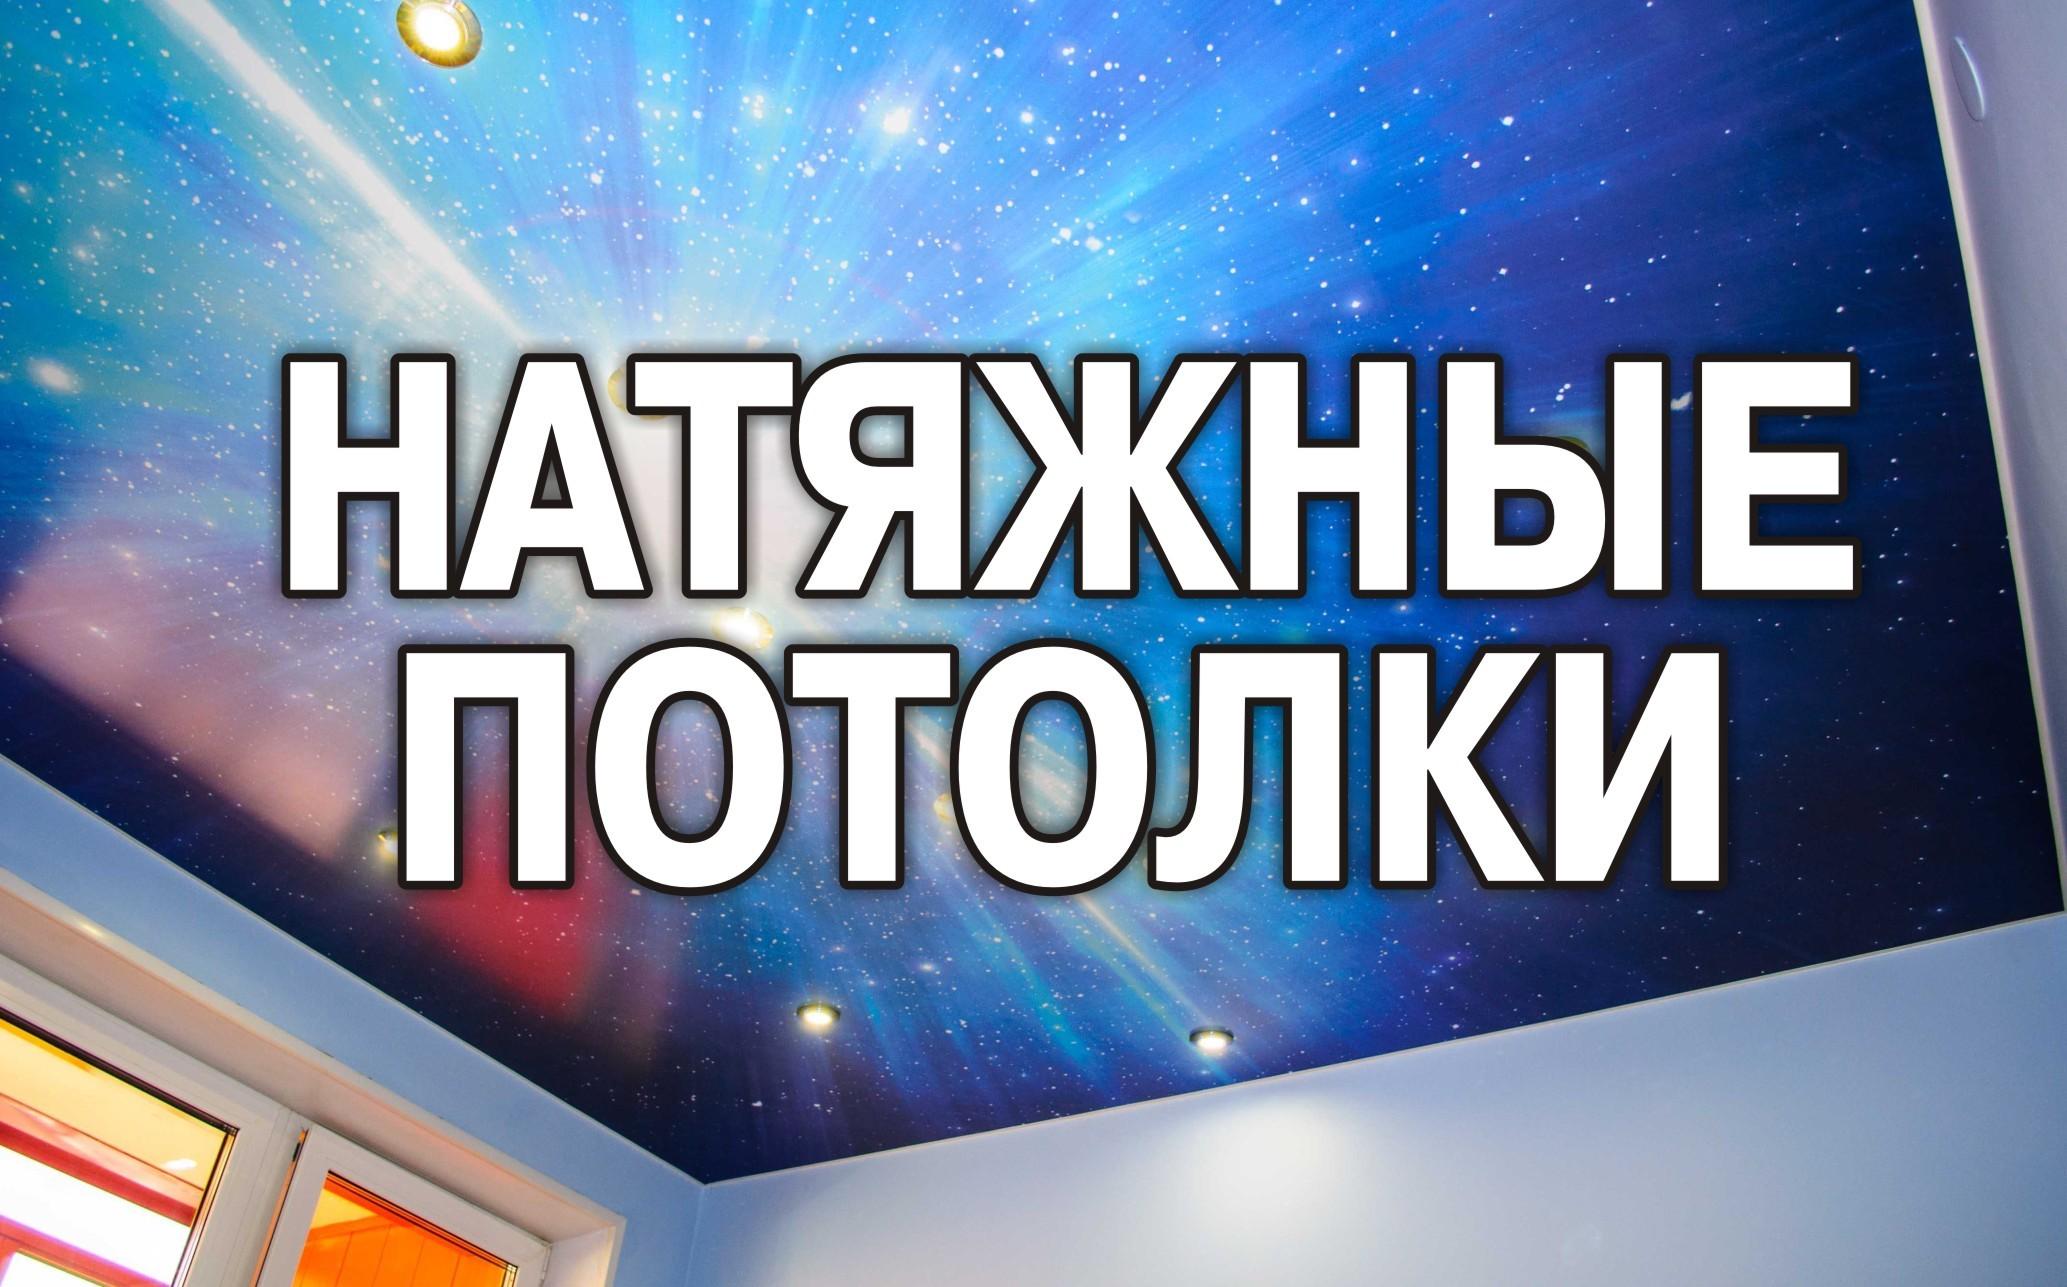 Натяжные потолки реклама картинка